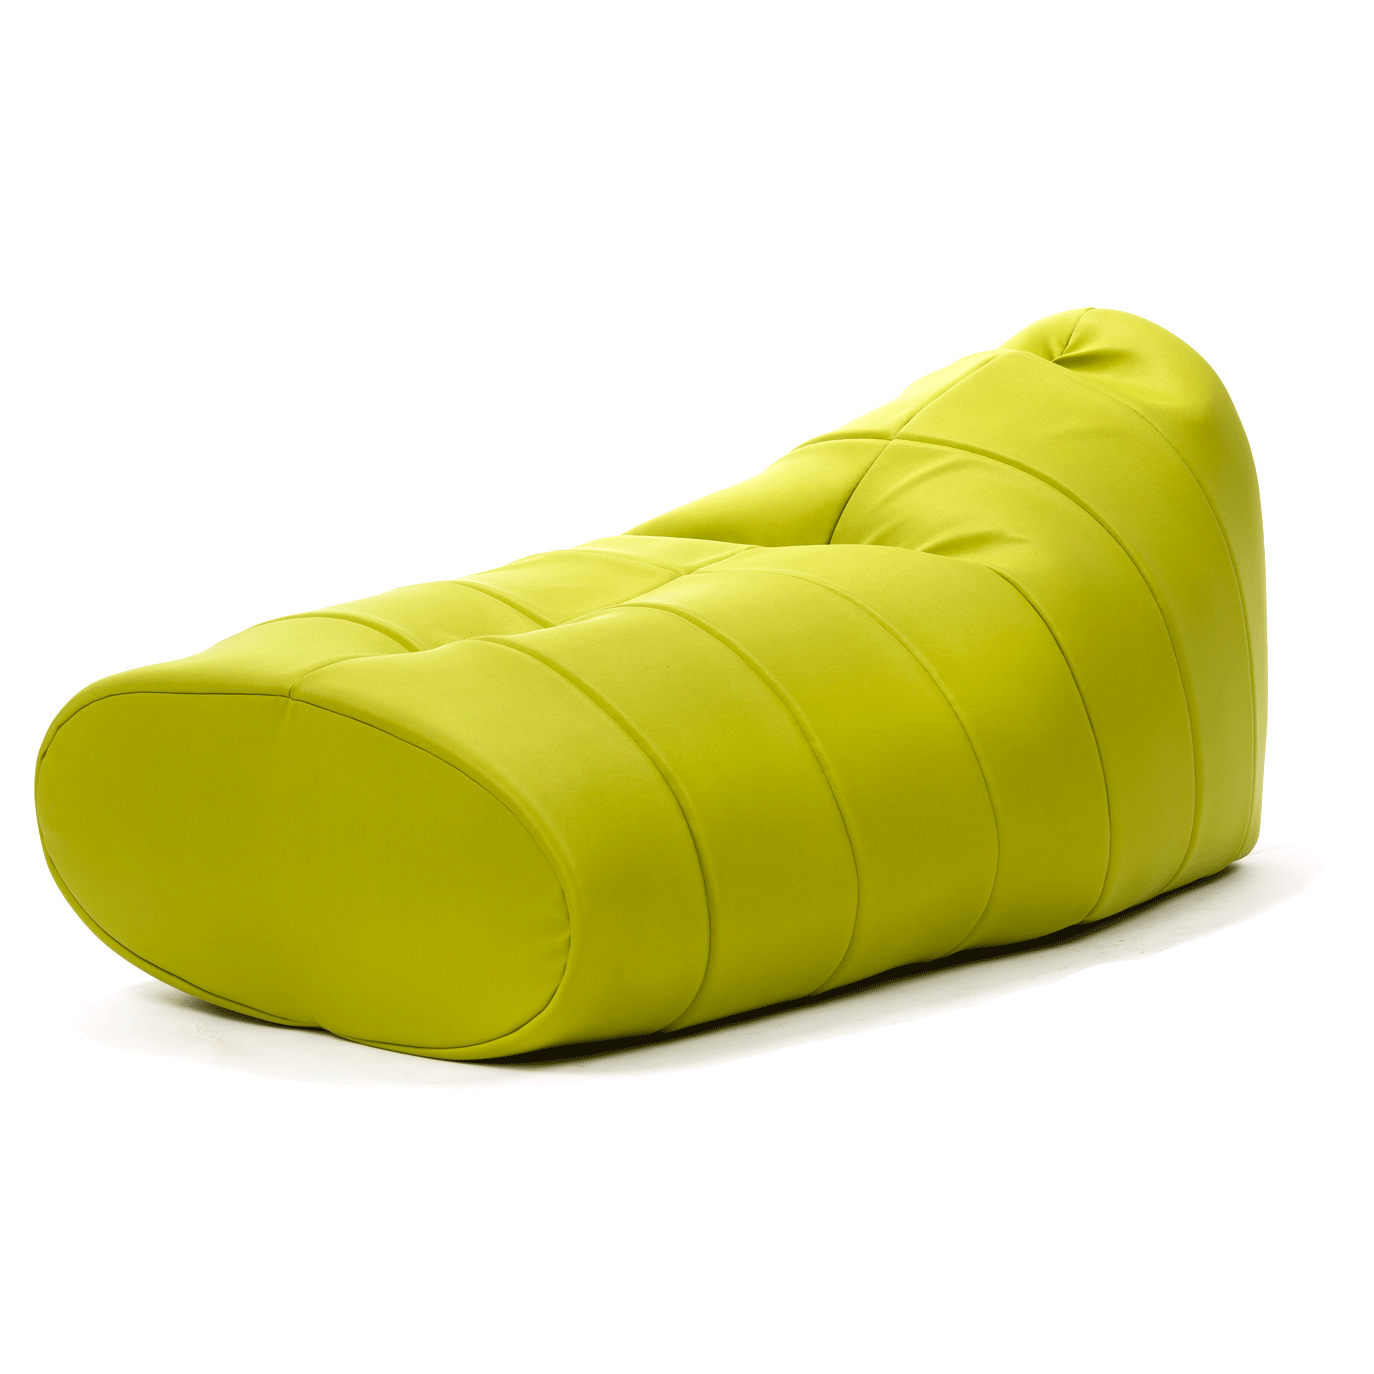 Кресло-мешок SittУличная мебель<br>Дизайнерское уличное кресло-мешок Sitt (Ситт) с длинным сиденьем от Softline (Софтлайн)<br><br><br> Почувствуйте энергию активных людей, которые хотят выразить свой стиль и образ жизни с помощью стильной и практичной мебели. Мебель из коллекции Active датской компании Softline прекрасно работает в малых и больших пространствах как личных жилищ, так и общественных мест. Кресло-мешок Sitt — уникальное кресло, которое позволяет вам сидеть в различных удобных положениях. У кресла Sitt специальная ко...<br><br>stock: 0<br>Высота: 73<br>Ширина: 80<br>Глубина: 130<br>Материал каркаса: Полиэстер<br>Тип материала каркаса: Ткань<br>Коллекция ткани: Tempo<br>Цвет каркаса: Лайм